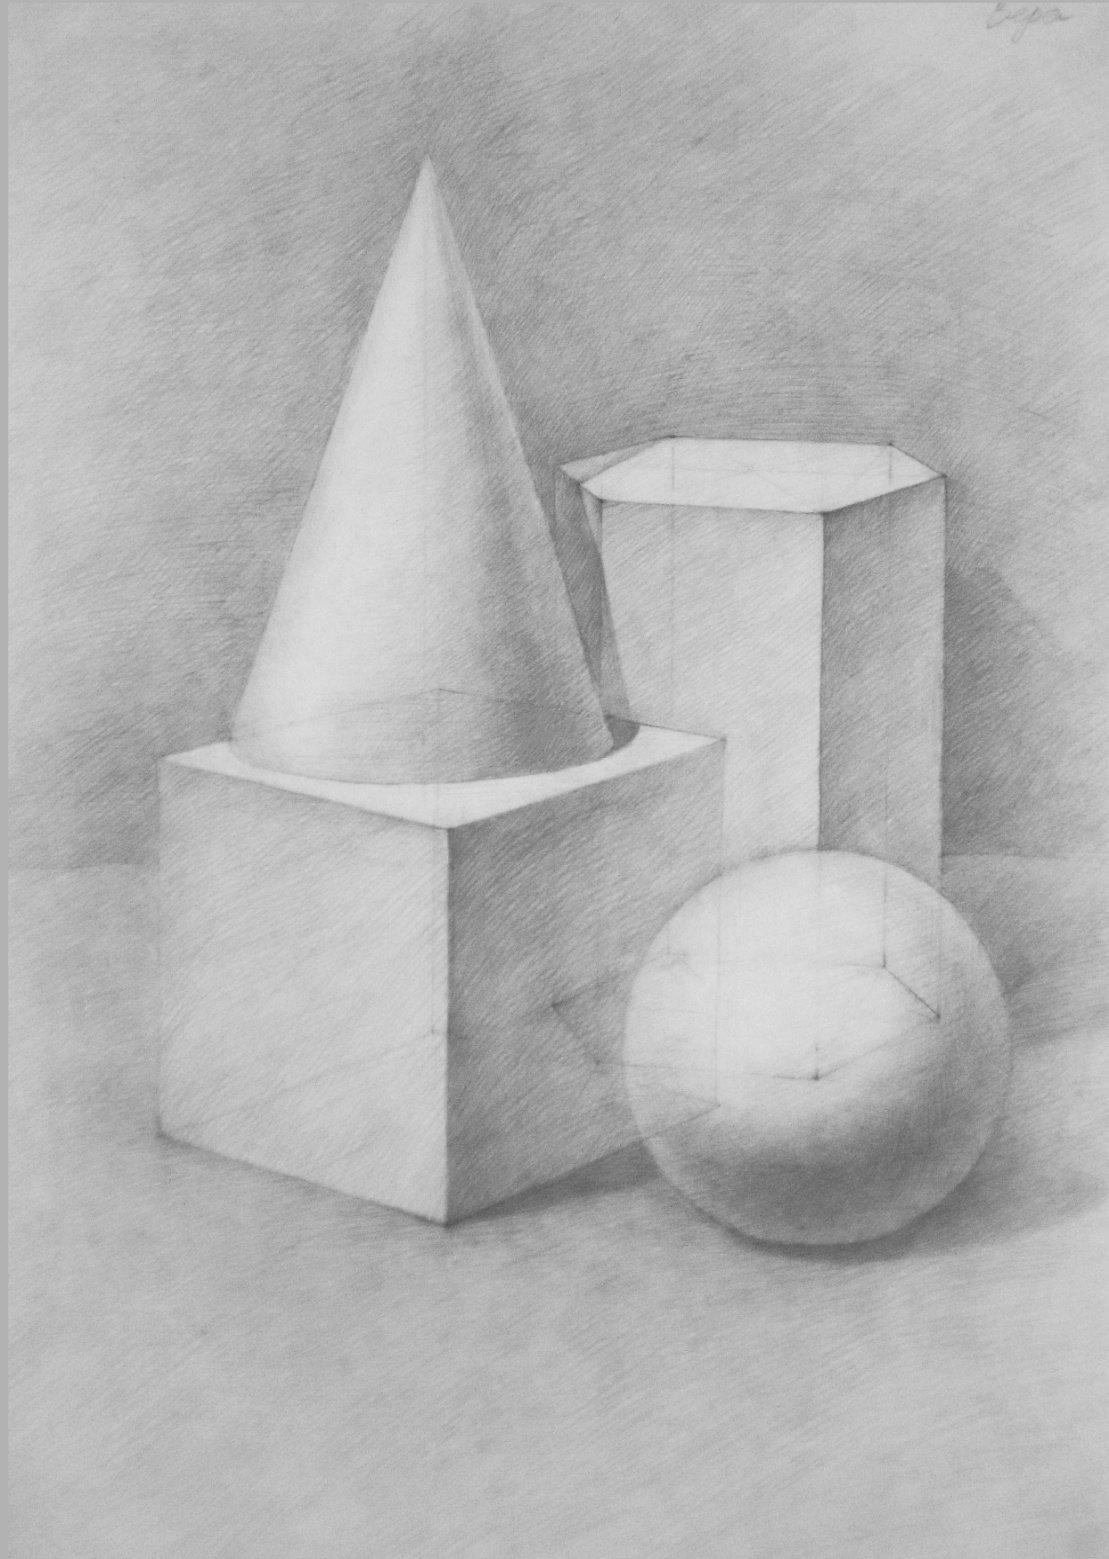 графические картинки натюрморта из геометрических тел вклад